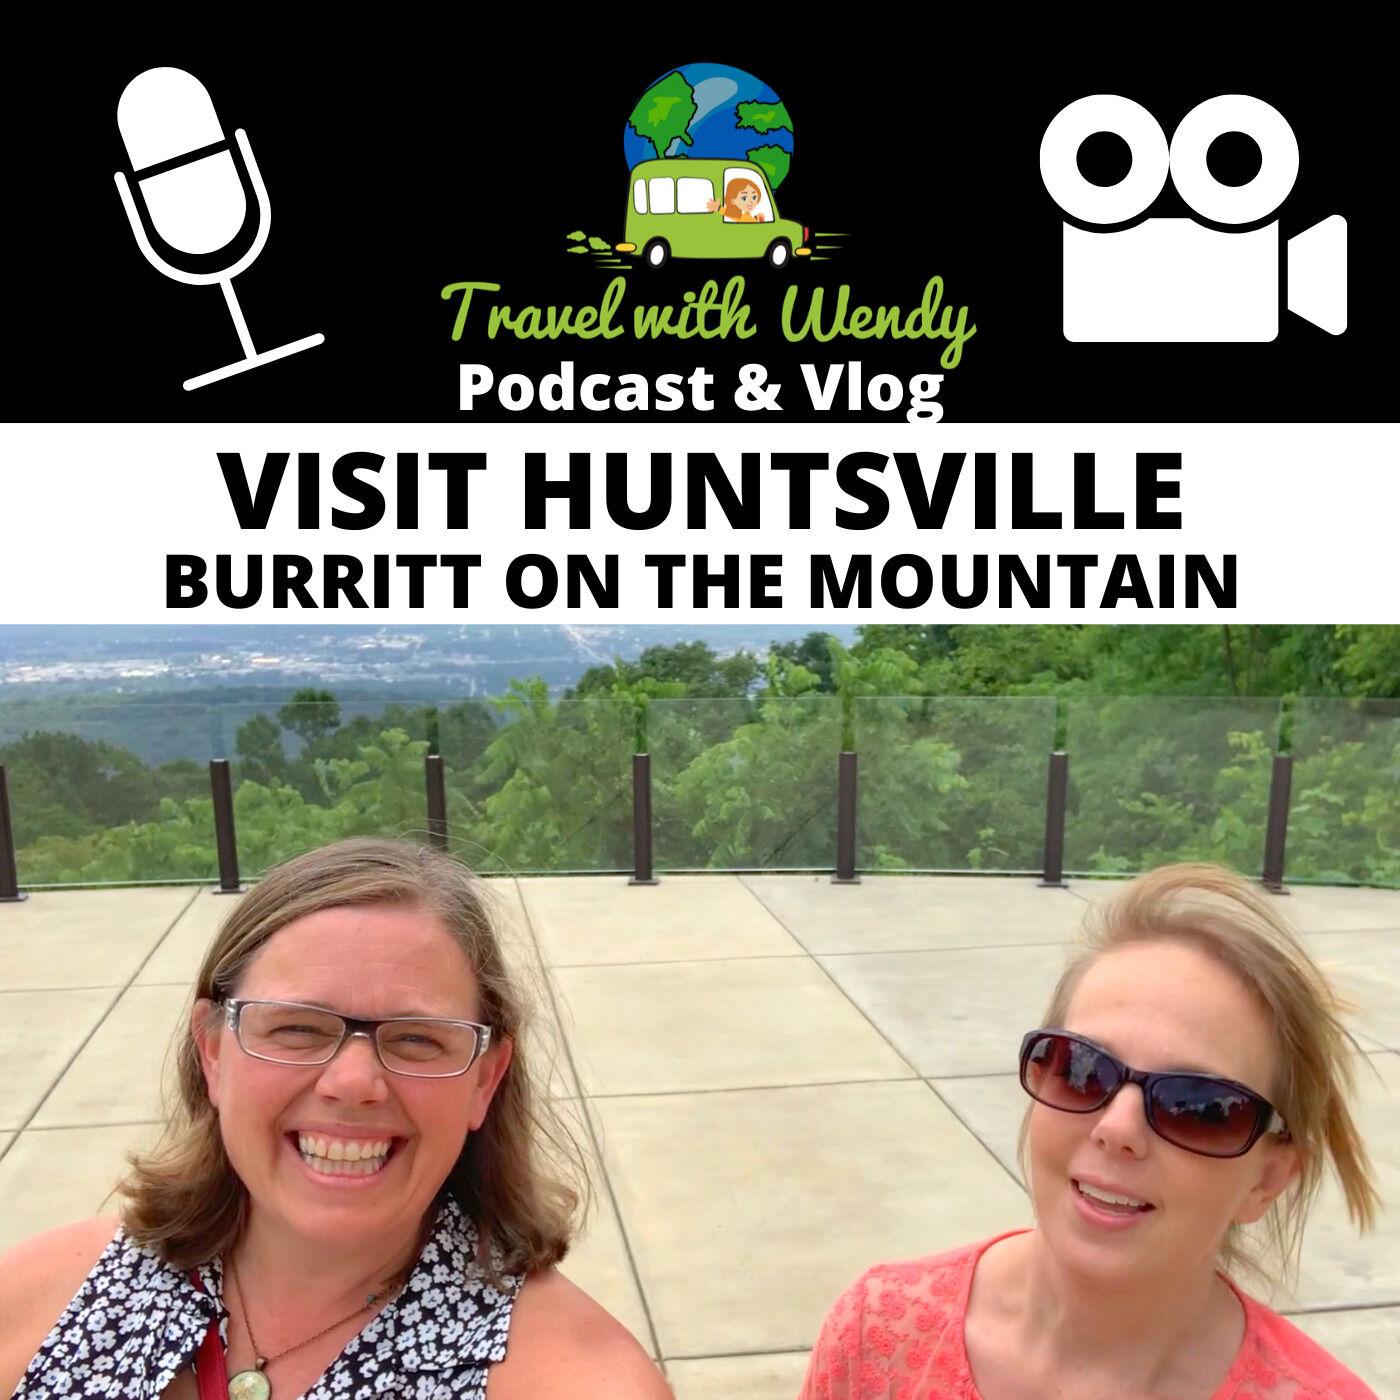 #25 VISIT Huntsville - Burritt on the Mountain